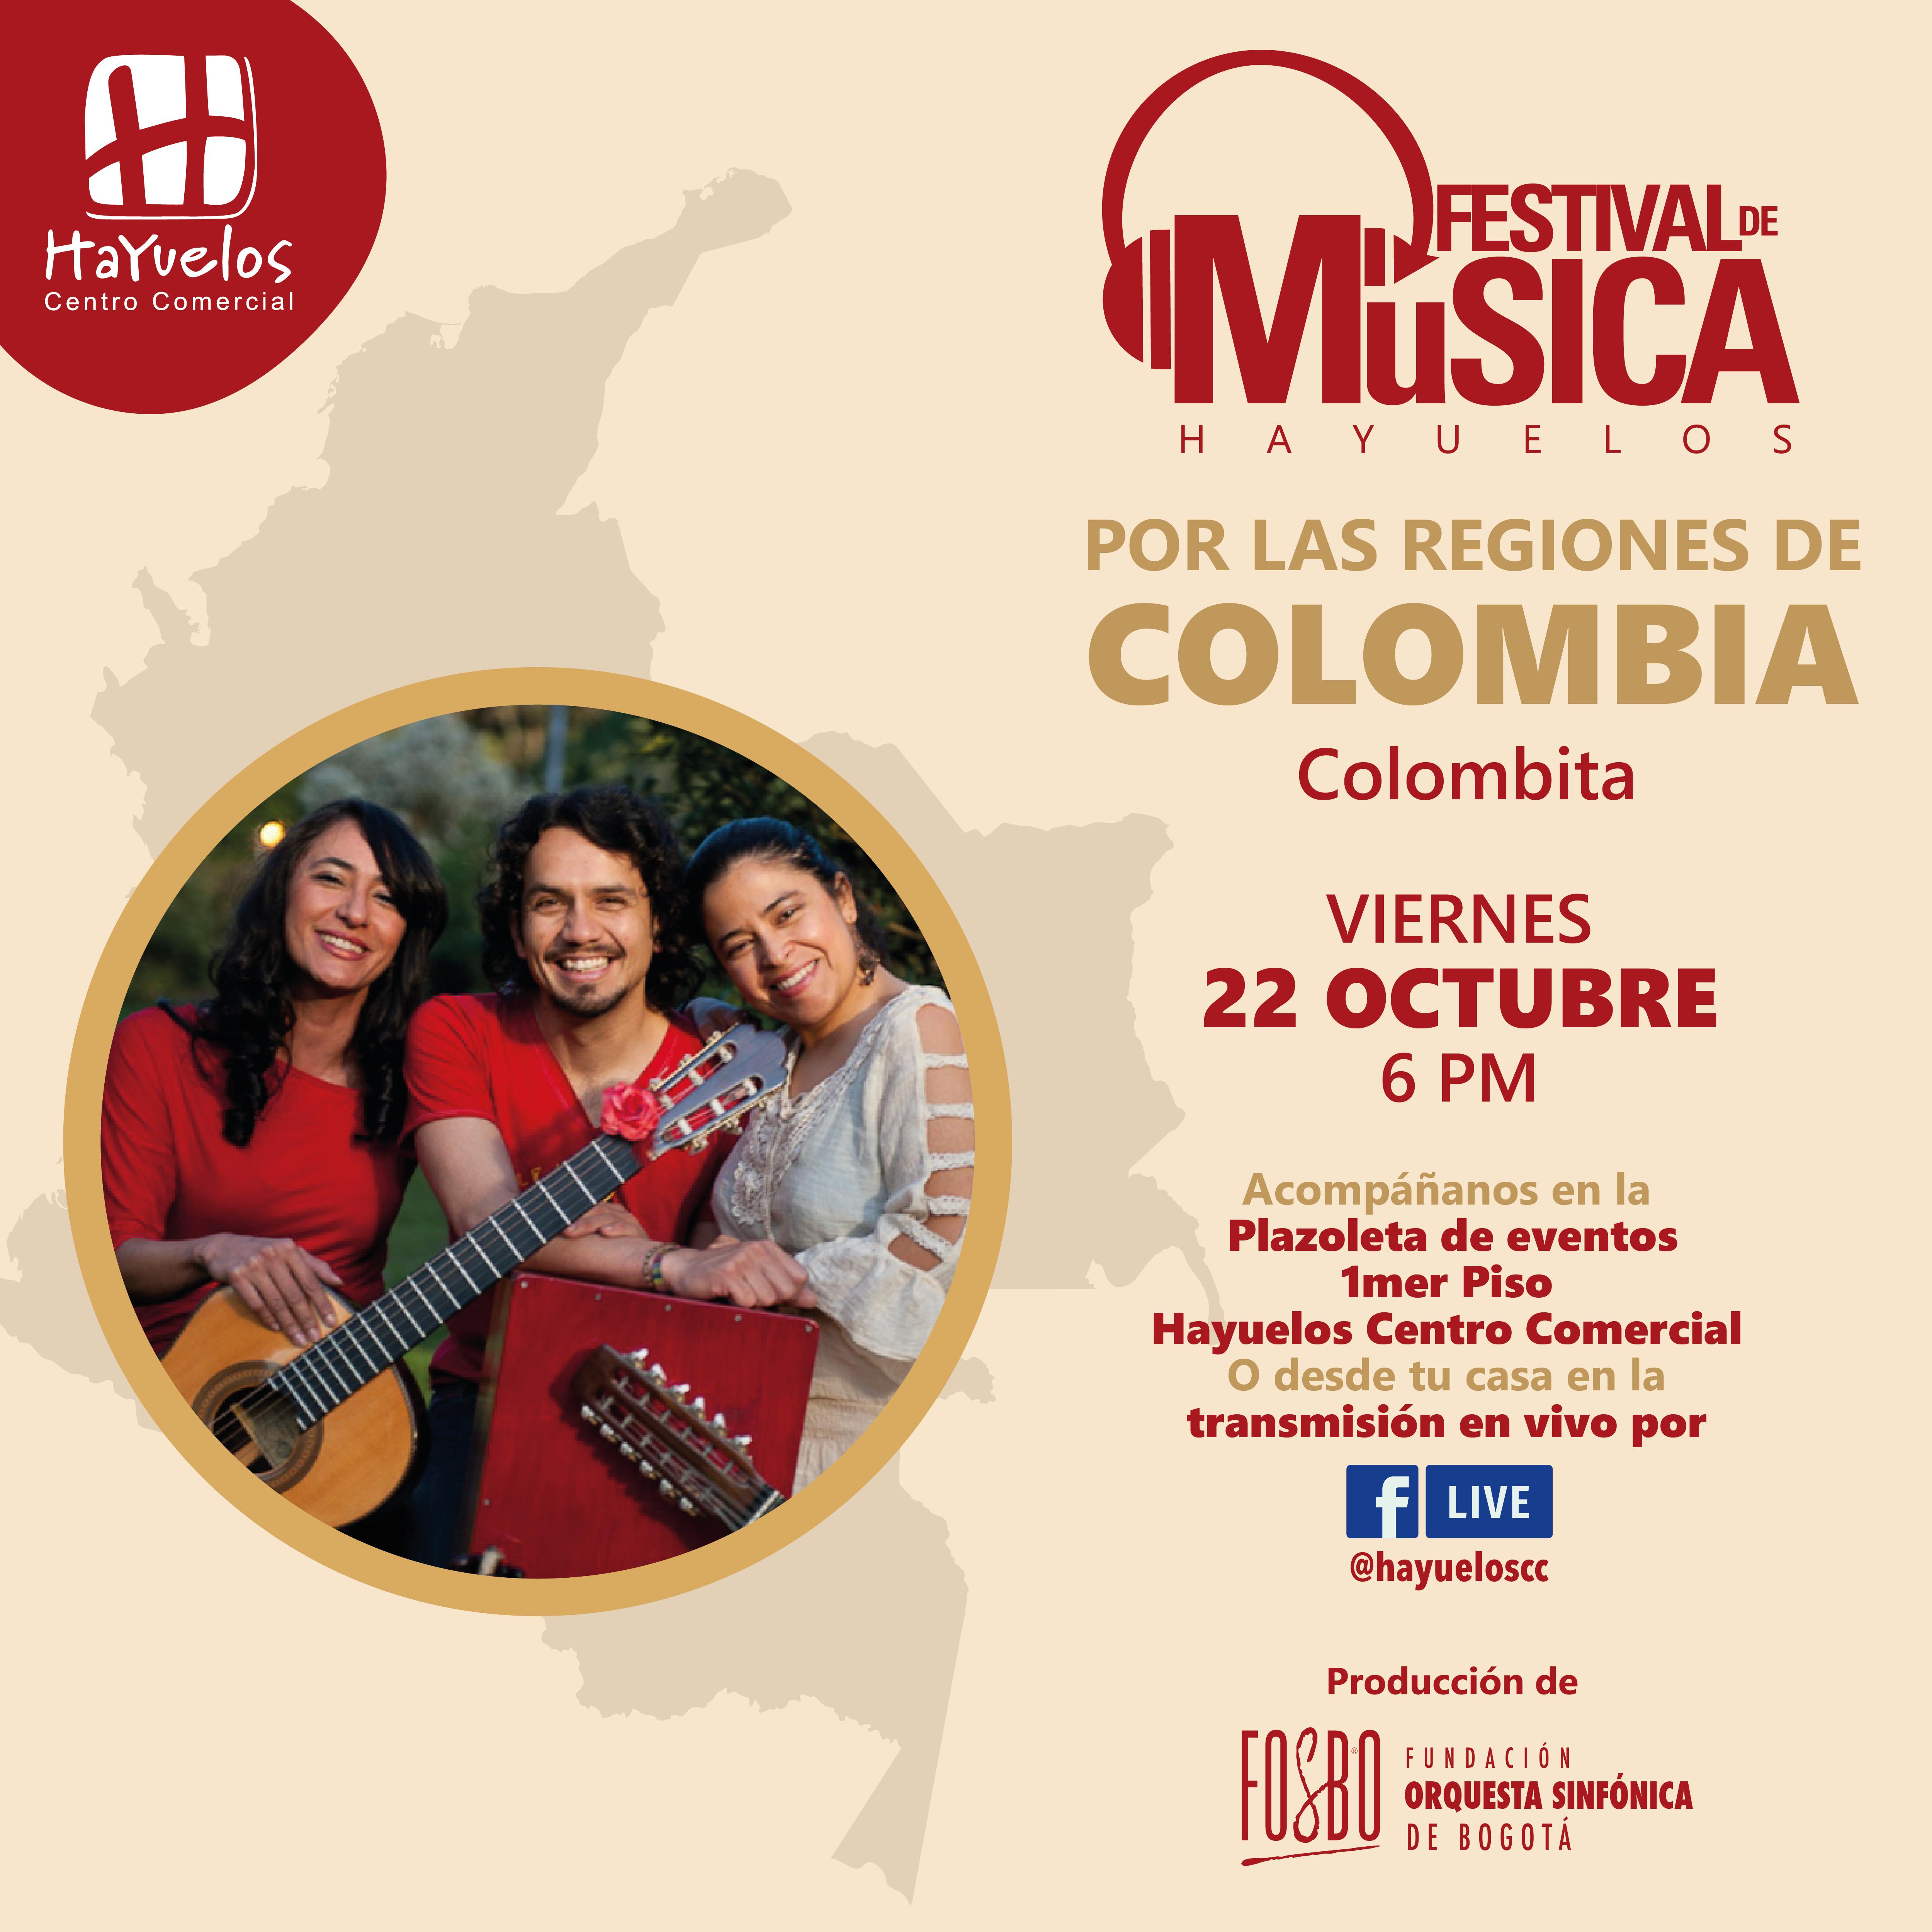 Colombita - Festival de Música Hayuelos Fosbo